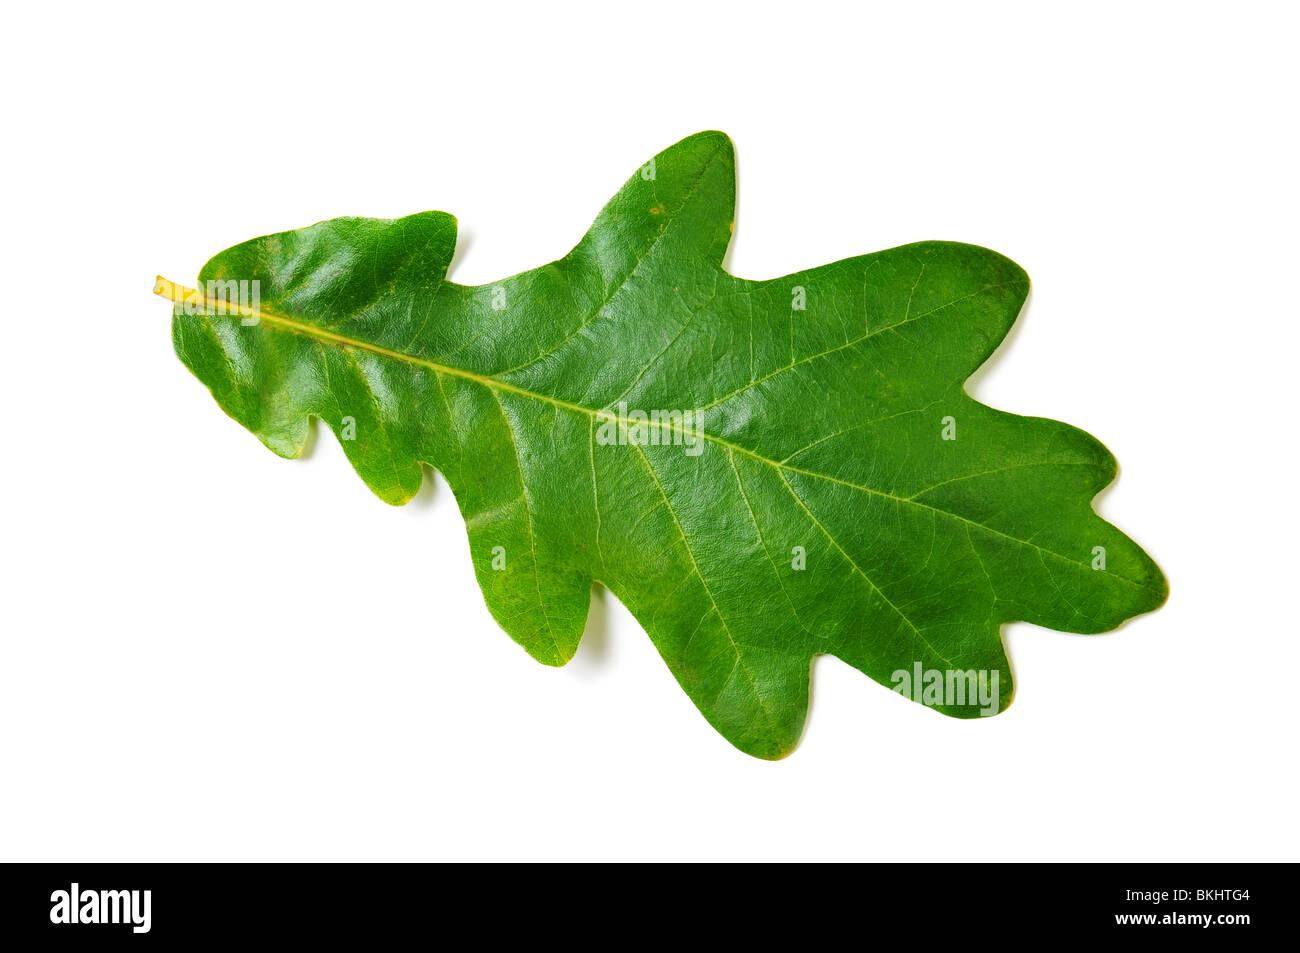 Verde foglia di quercia su sfondo bianco. Immagine isolata Immagini Stock